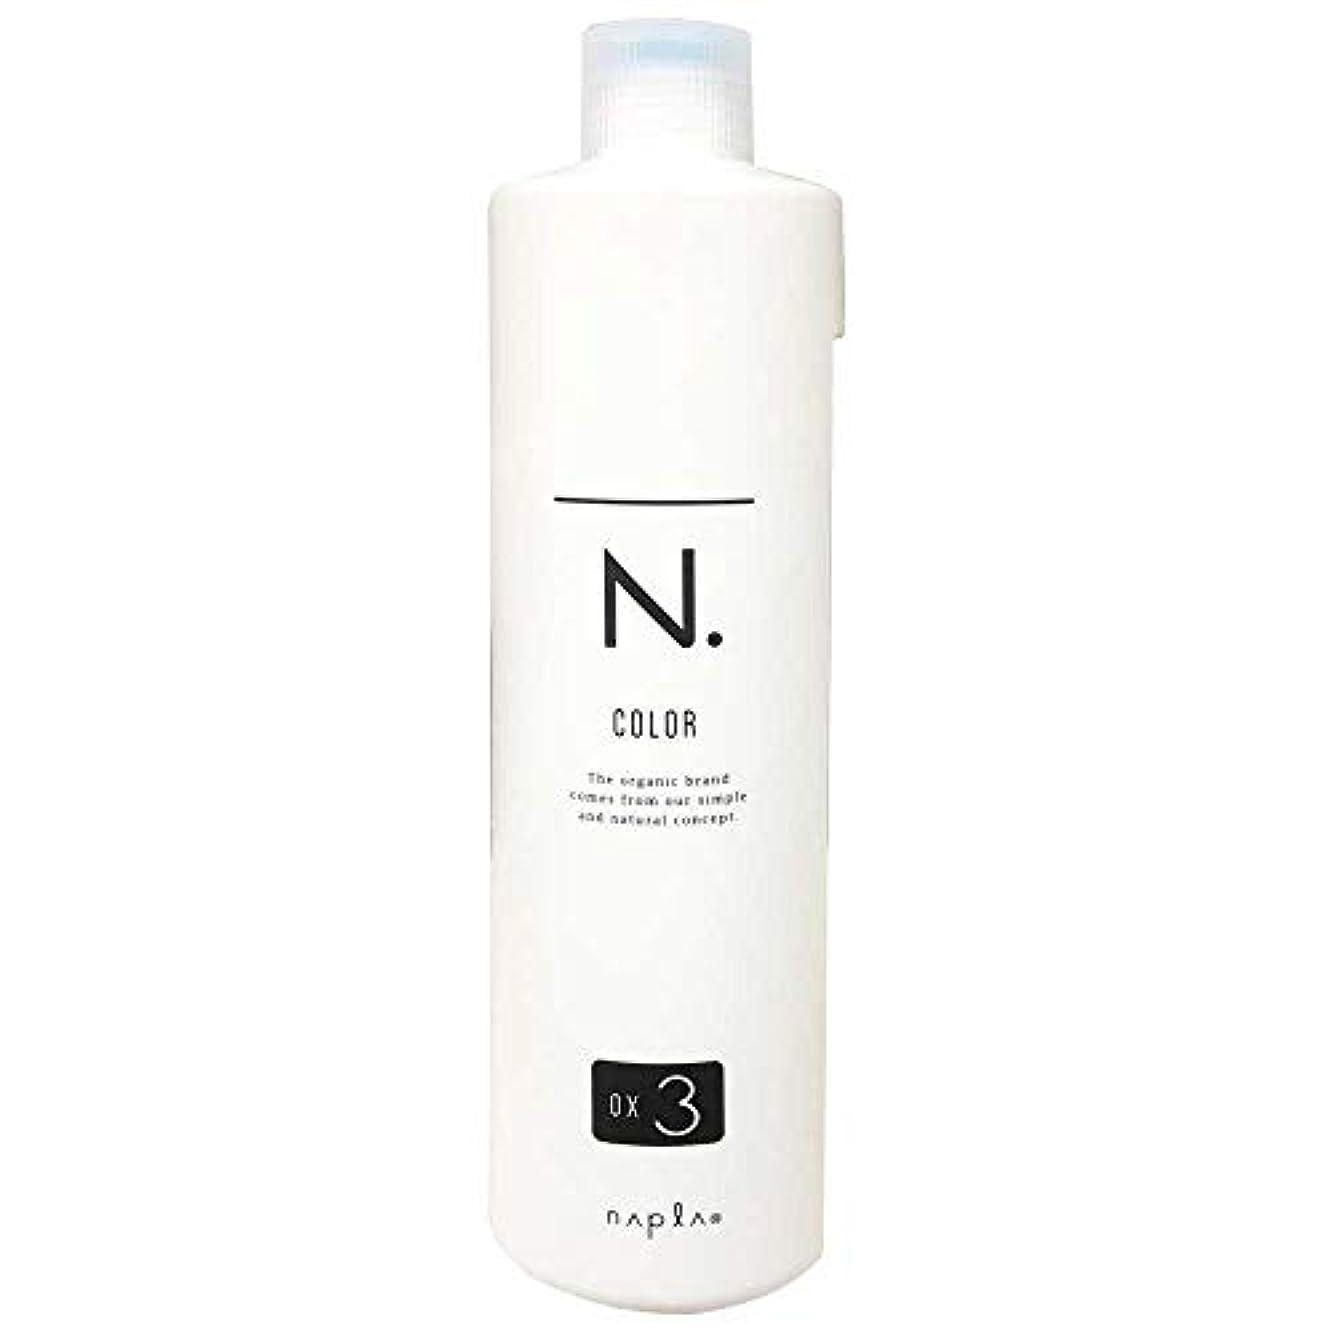 ナプラ エヌドットカラー オキシ 第2剤 (3%)